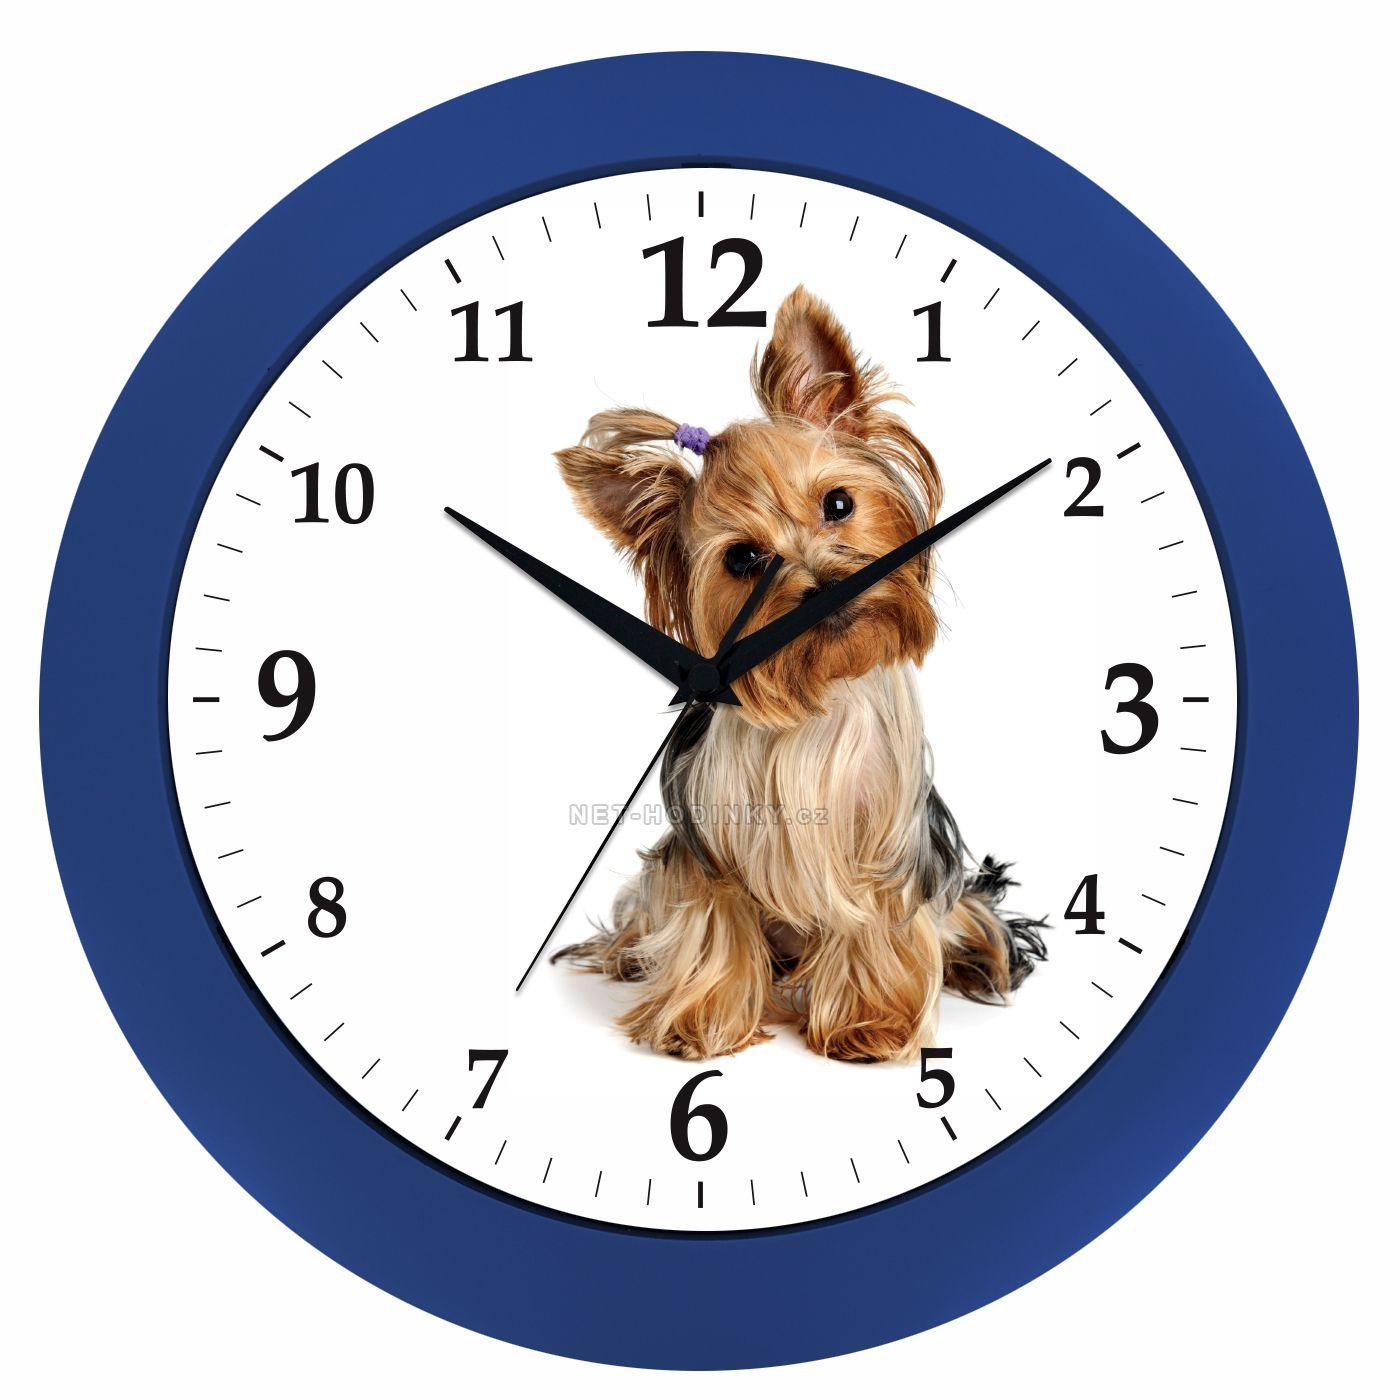 Nástěnné hodiny na stěnu, dětské hodiny S JORKŠÍREM hodiny na stěnu kulaté stříbrná jorkšír modrá